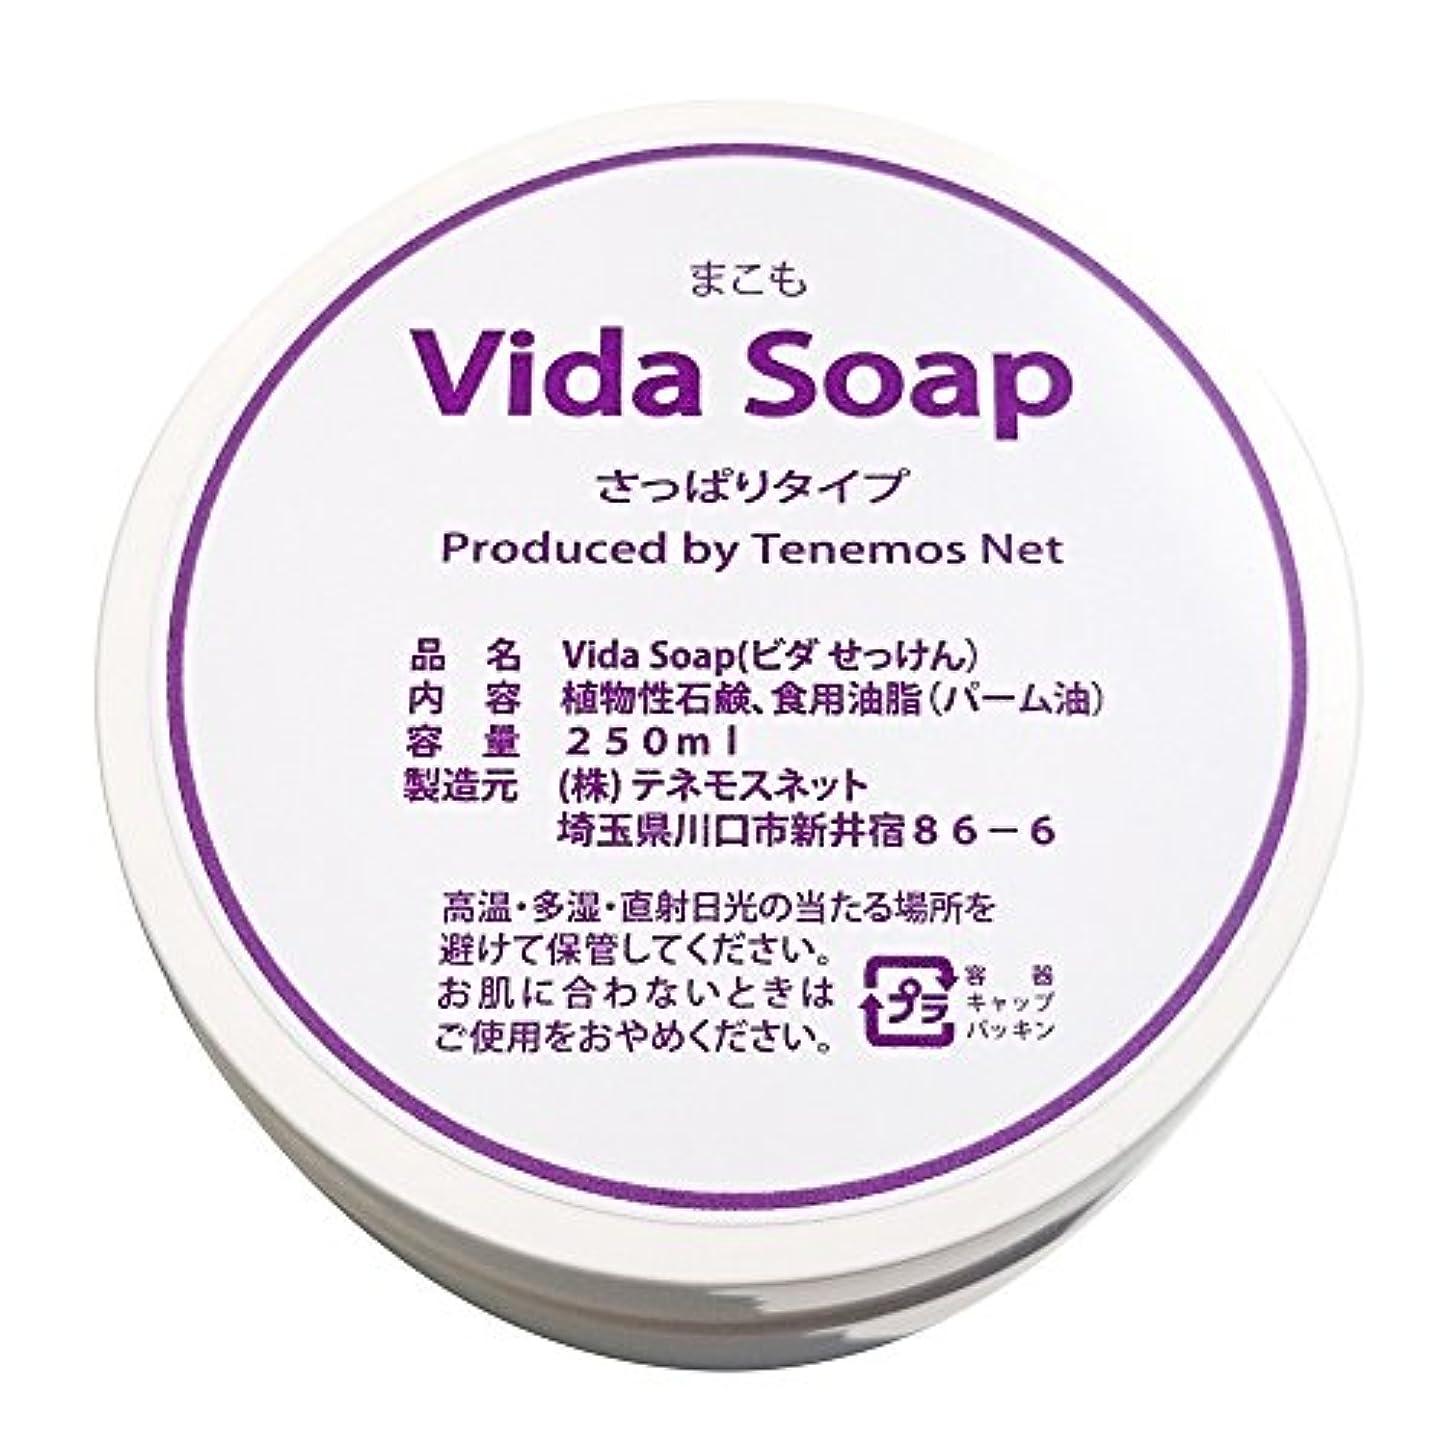 難民申し立てられた吐き出すテネモス ビダせっけん Vida Soap さっぱりまこも 植物性 250ml